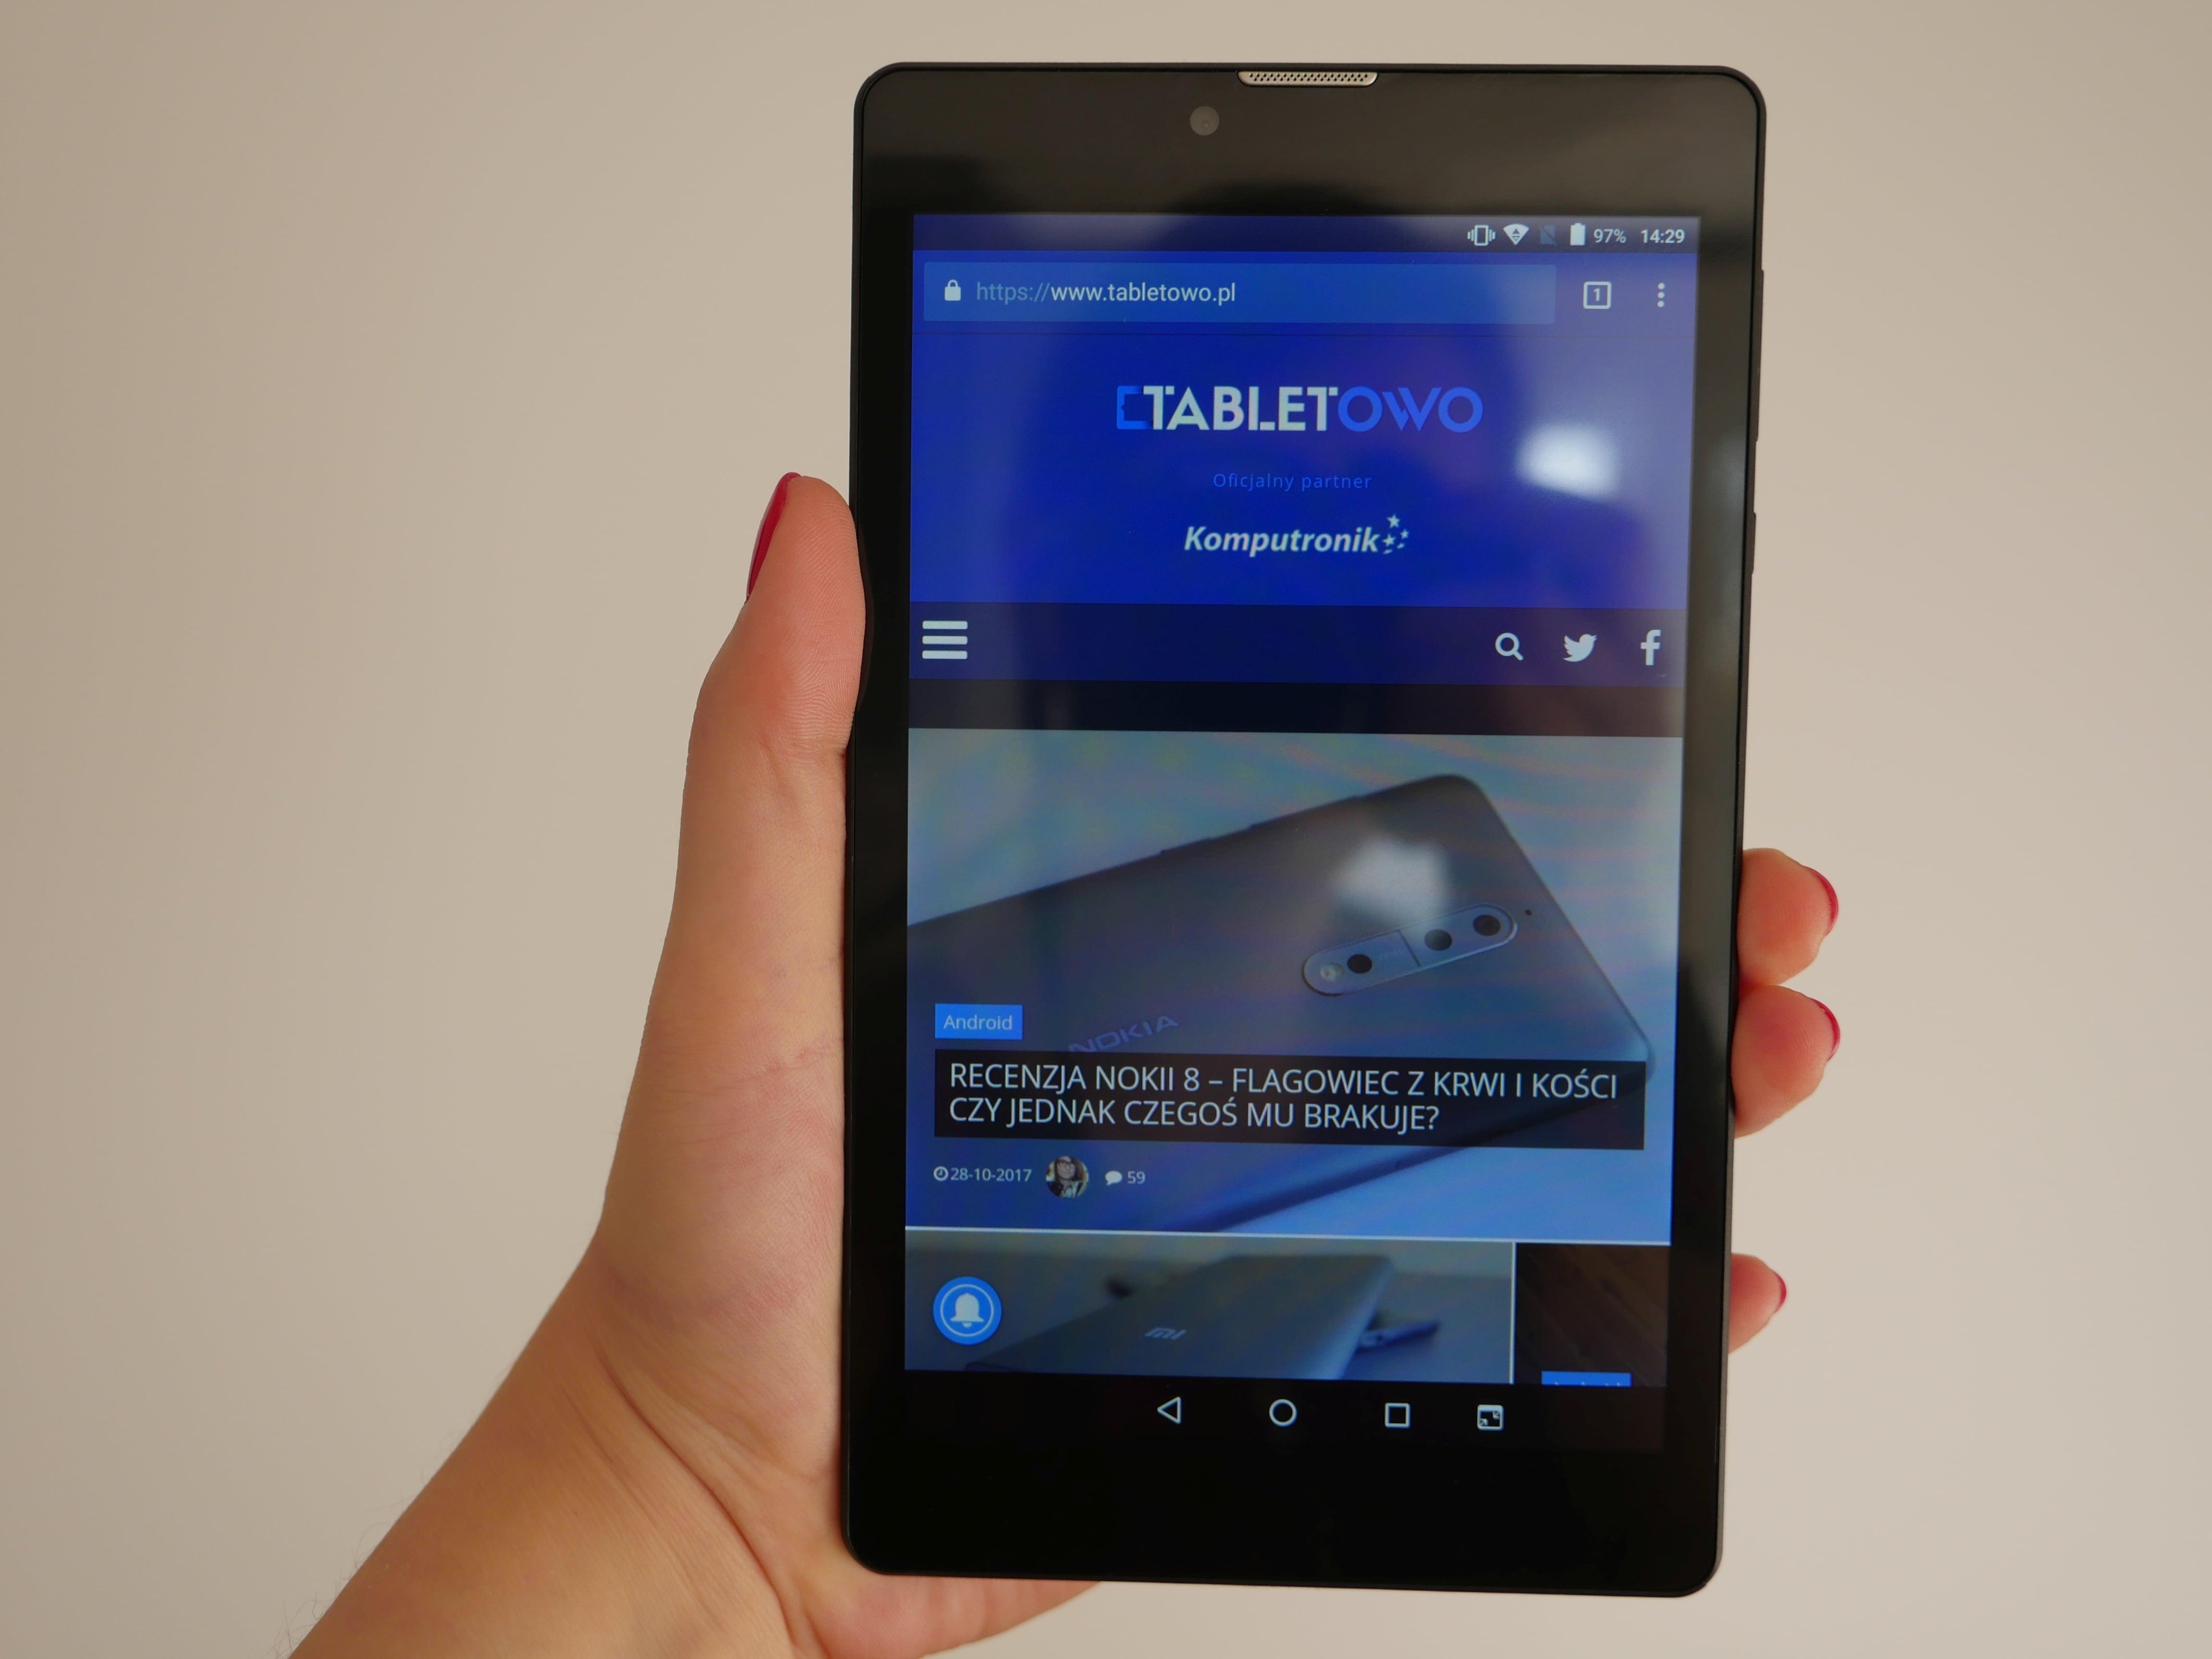 Recenzja Navitel T500 3G - jednego z najtańszych tabletów dostępnych na rynku 24